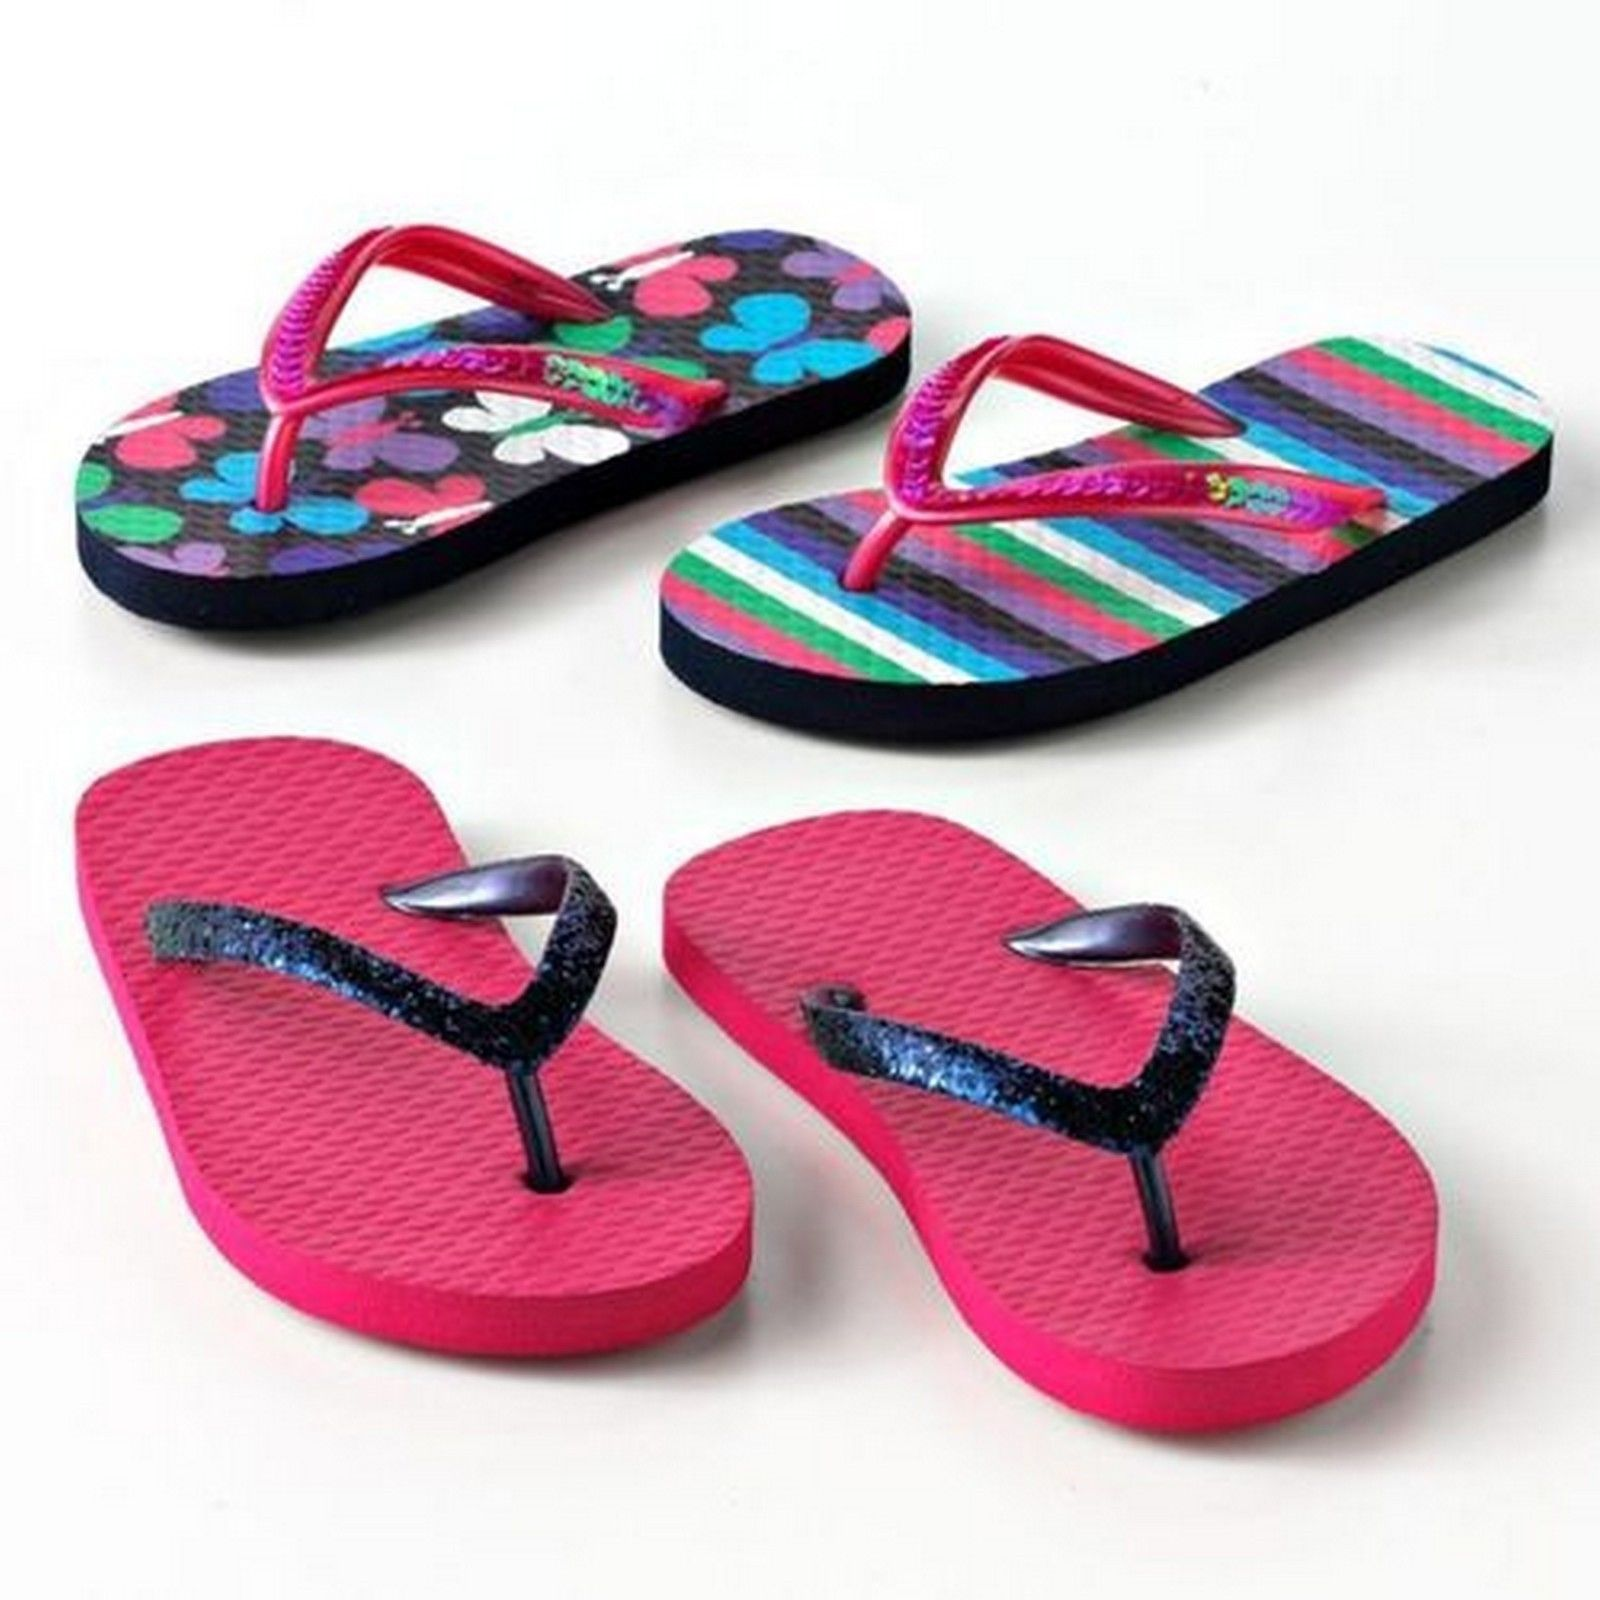 Jumping Beans Girls Flip Flops Beach Summer Sandals Shoes Set of 2